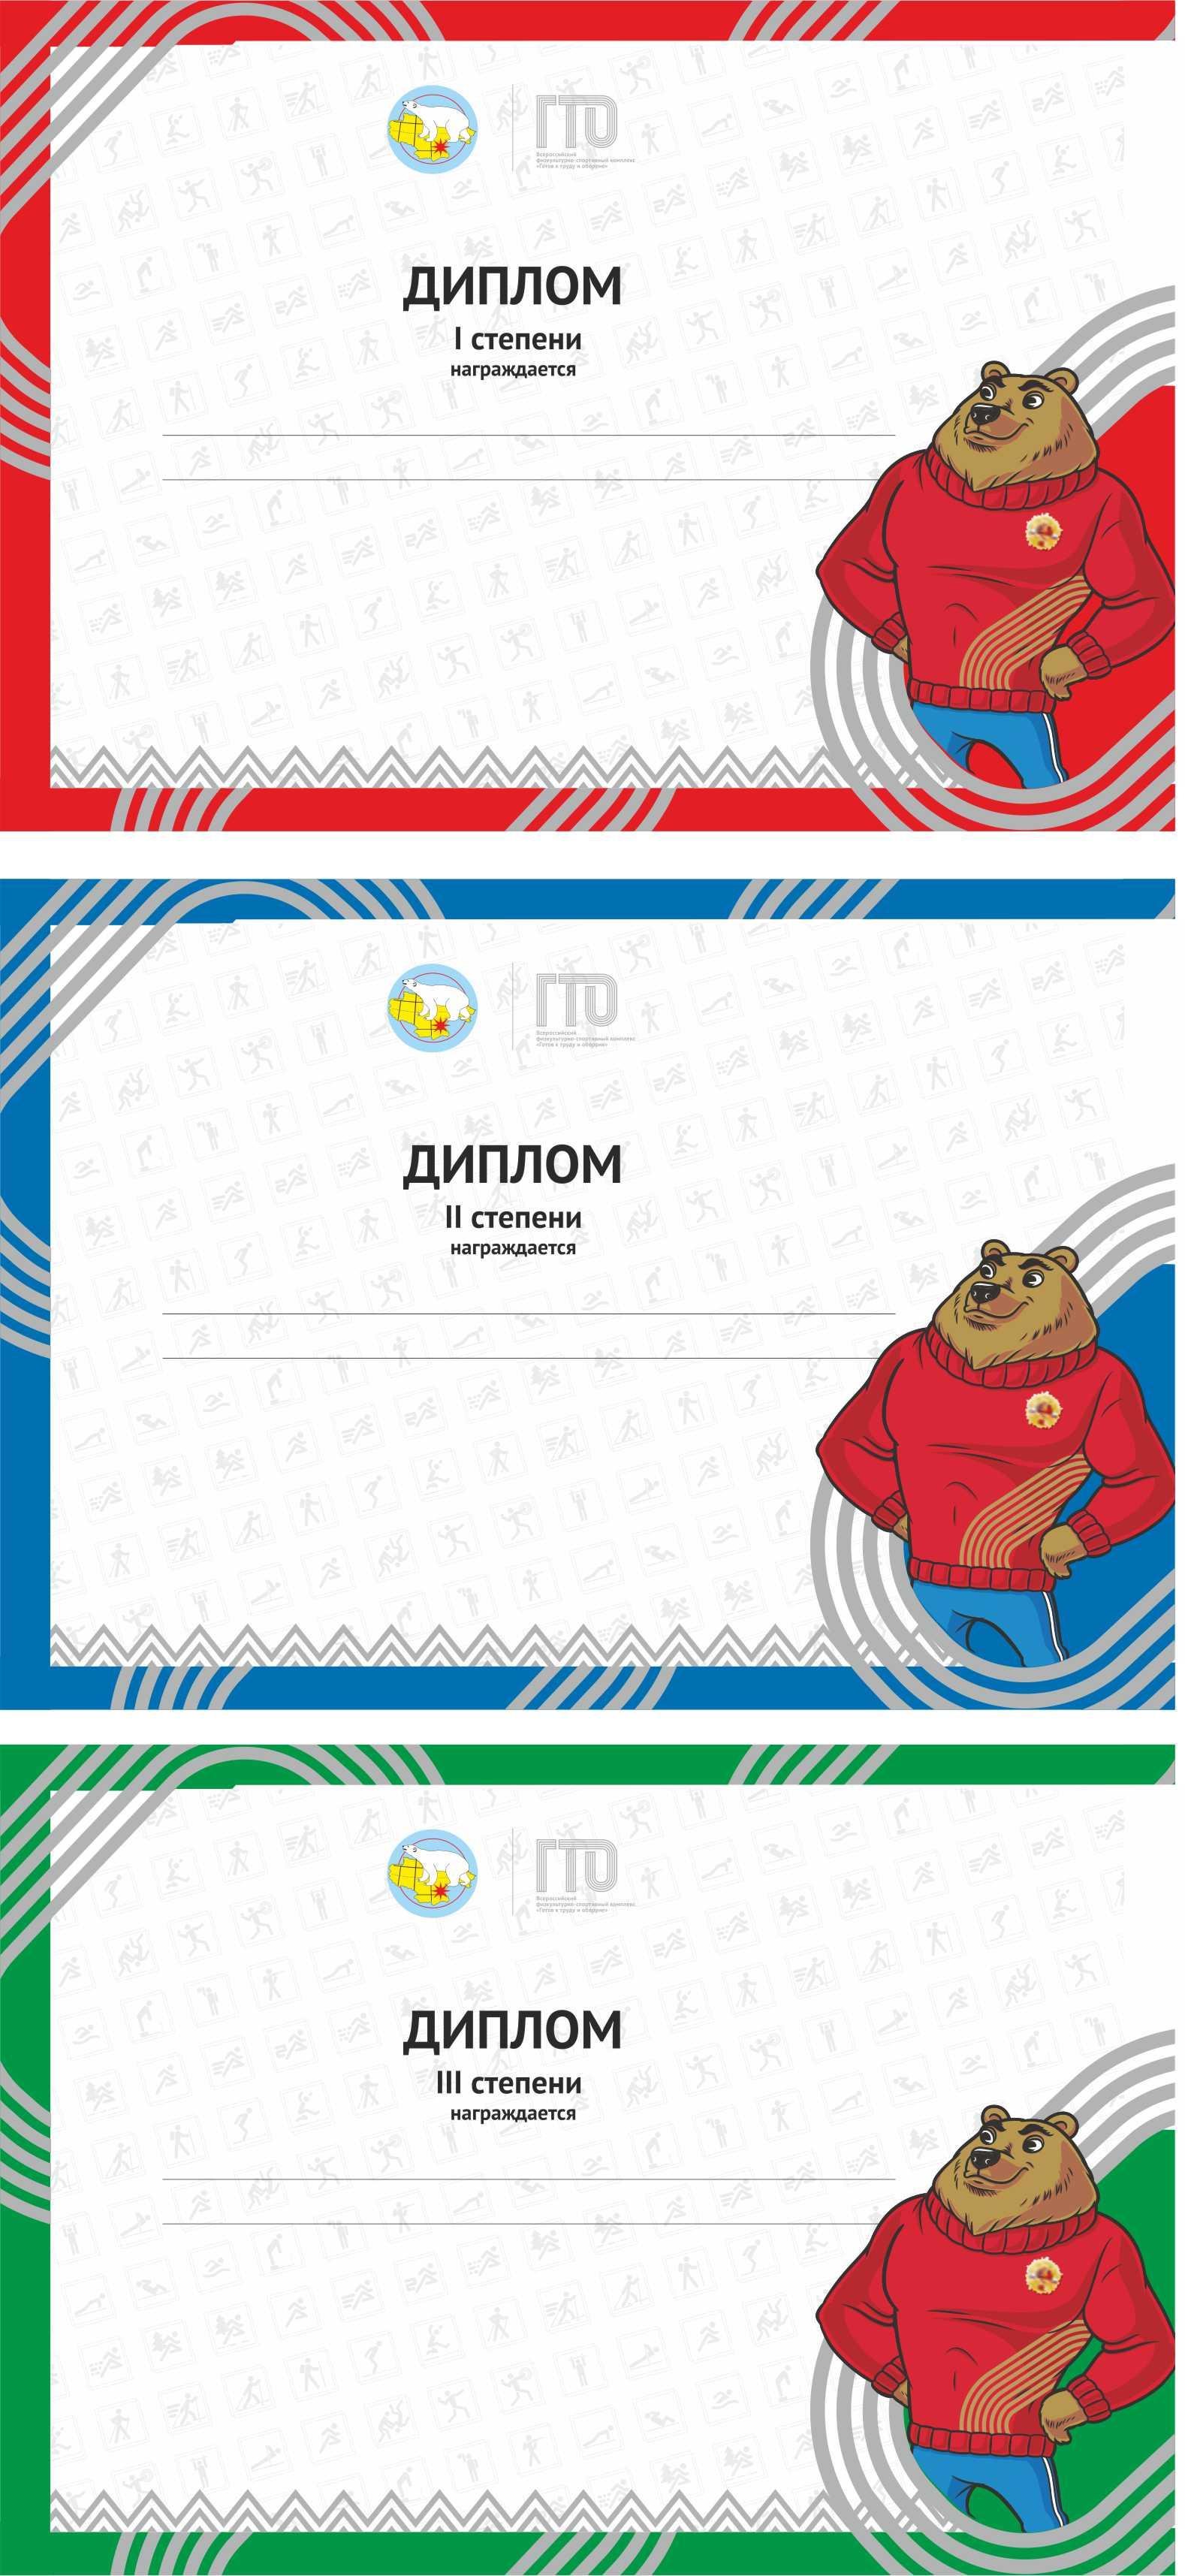 Диплом ГТО